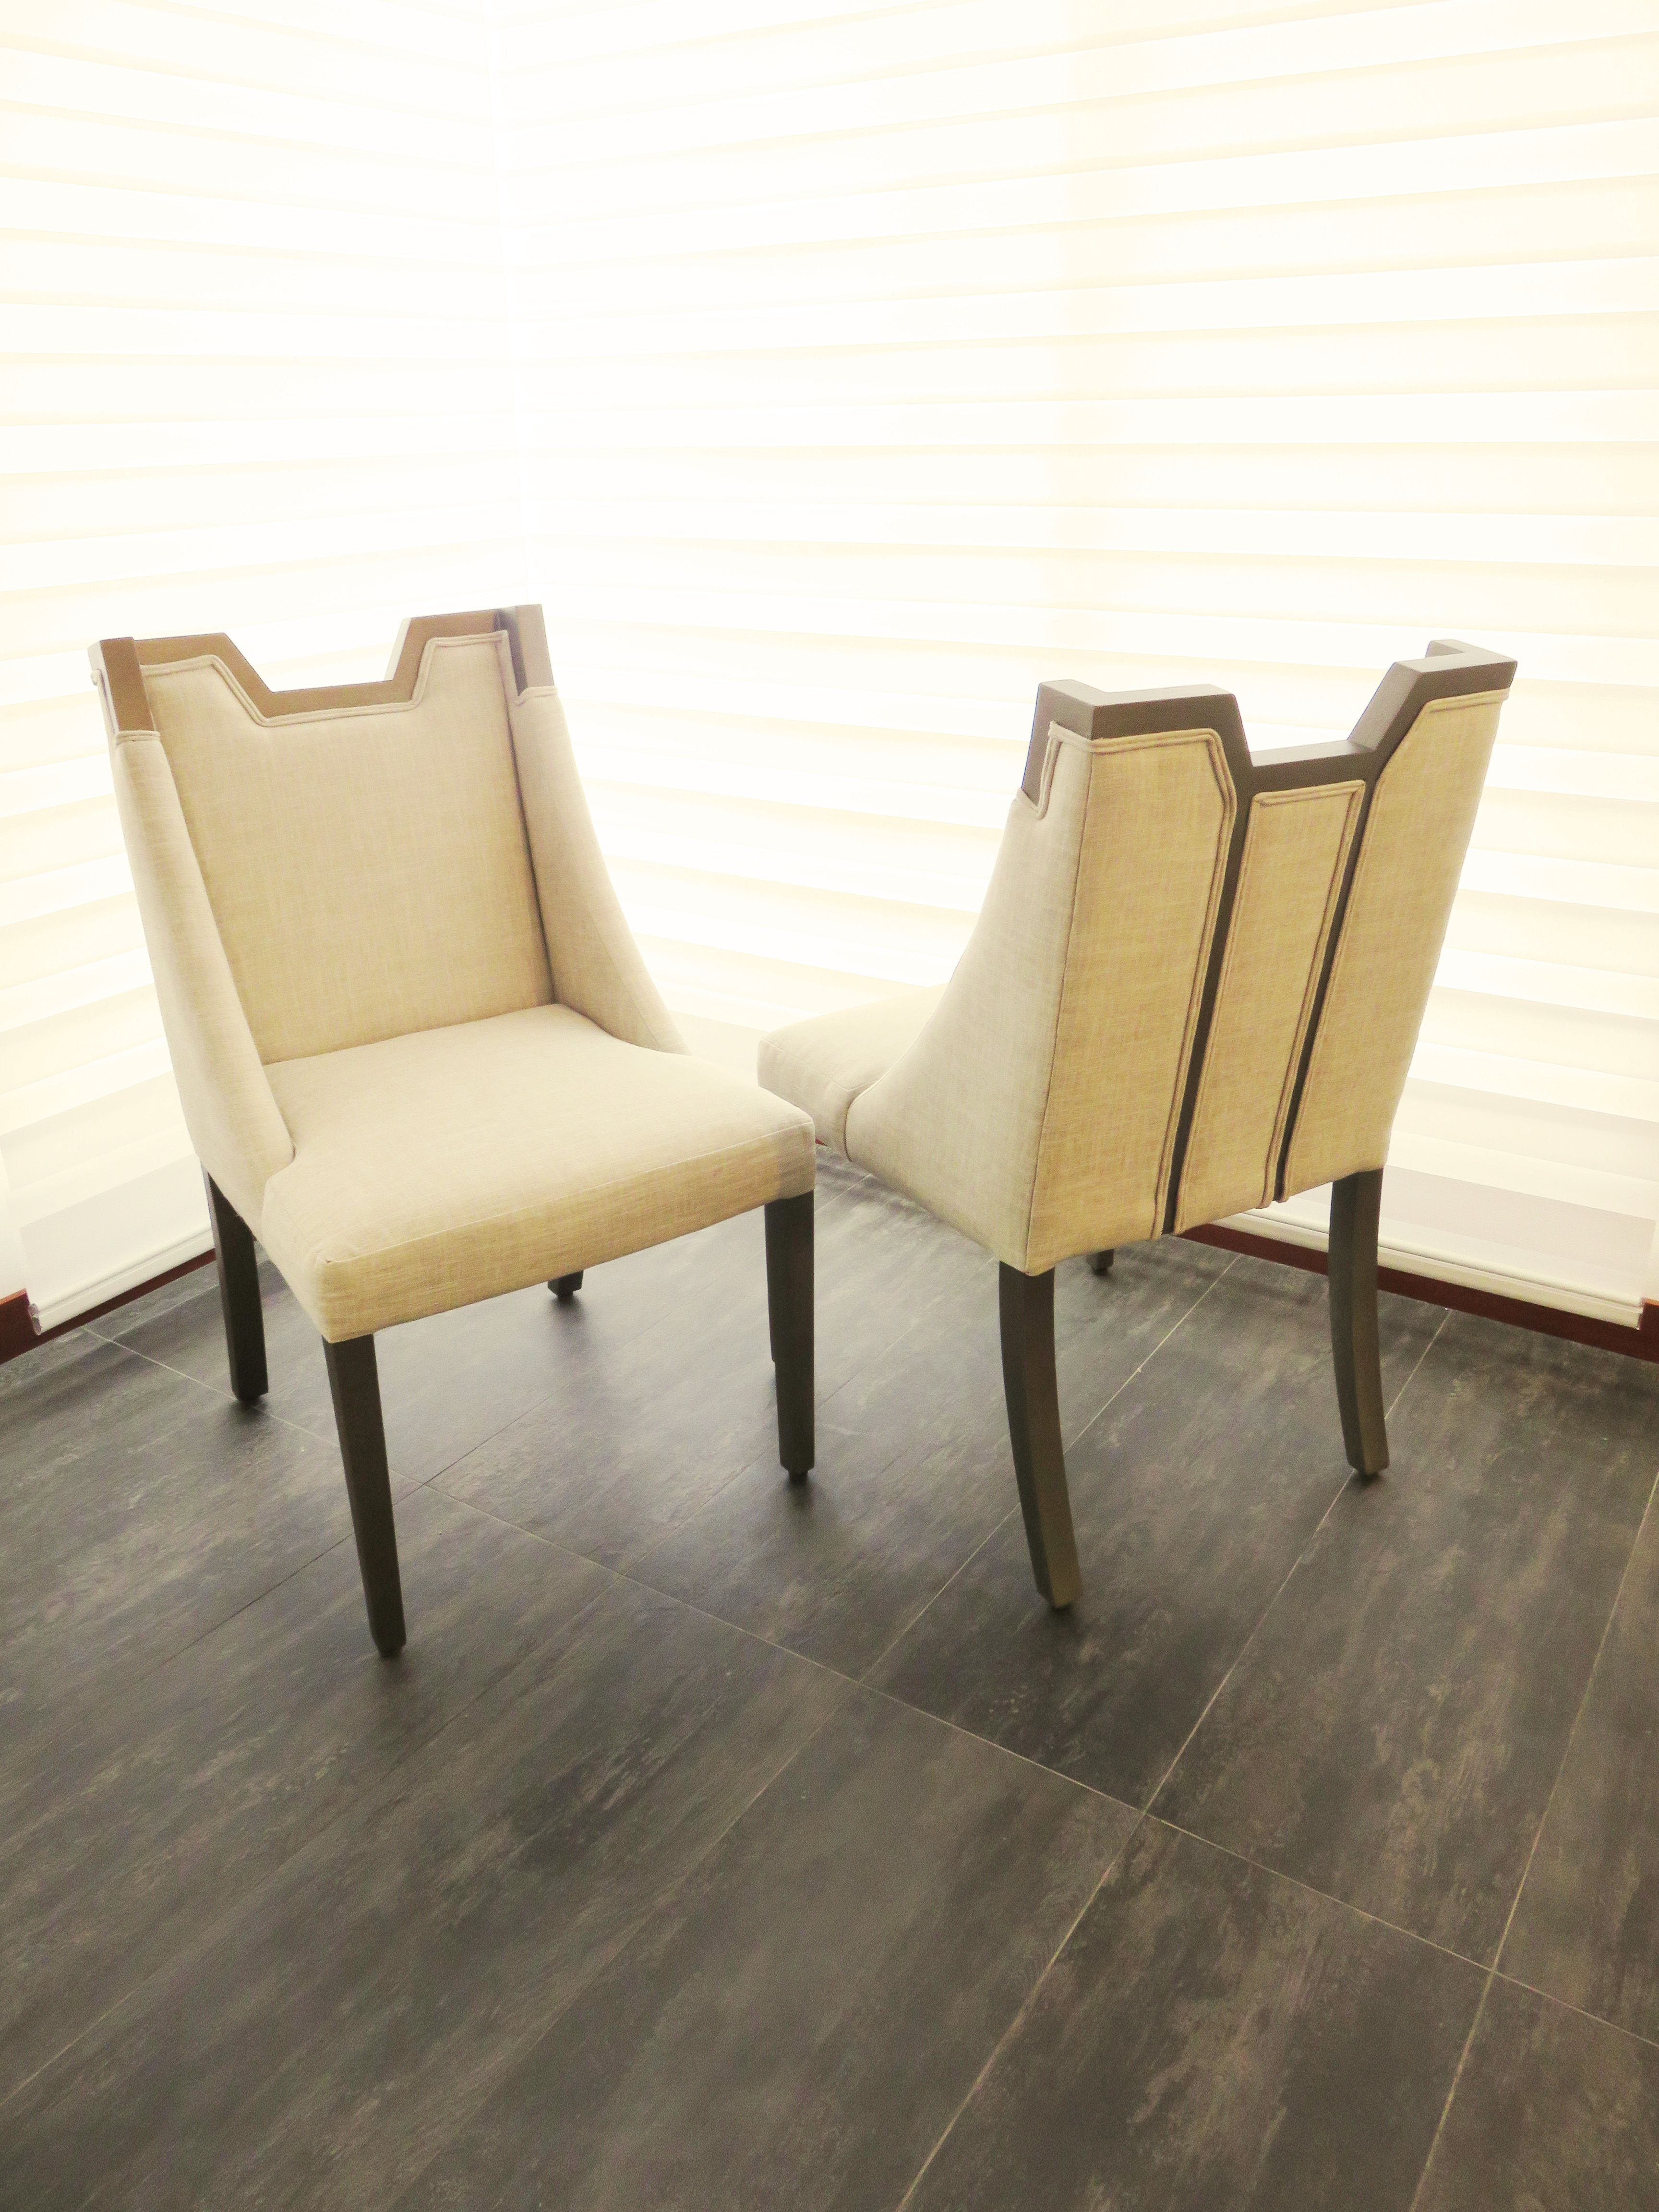 Dining chairs / Sillas de comedor estilizadas y modernas con detalle ...